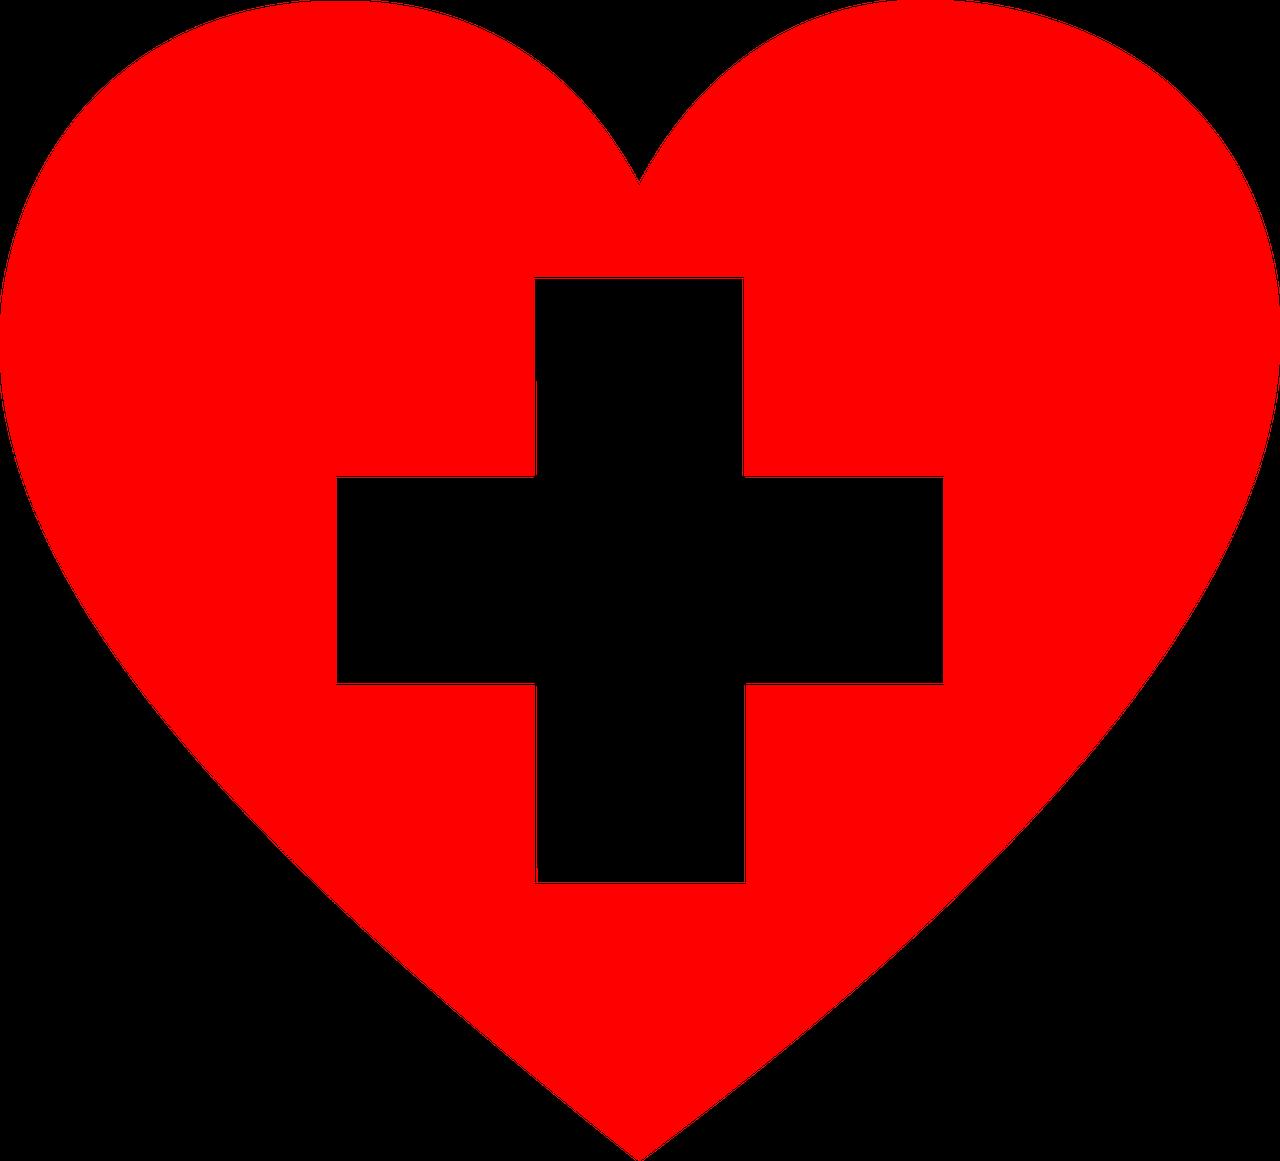 Donation_heart